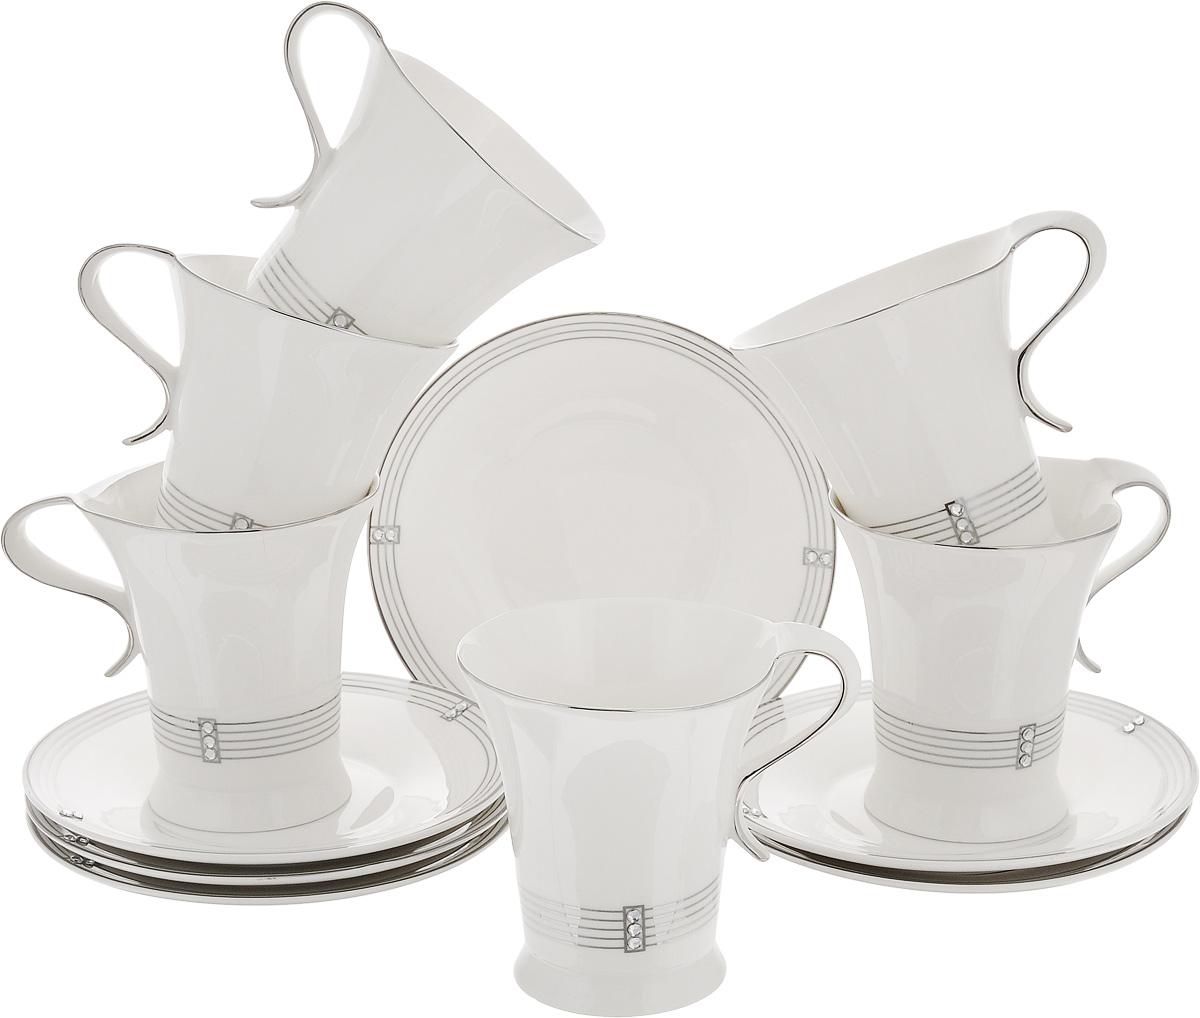 Набор чайный Patricia Даймонд, 12 предметов. IM11348IM11348Чайный набор Patricia Даймонд состоит из 6 чашек и 6 блюдец. Изделия выполнены из высококачественного фарфора. Такой набор изящно дополнит сервировку стола к чаепитию. Не рекомендуется мыть в посудомоечной машине и использовать в микроволновой печи. Объем чашки: 220 мл. Диаметр чашки по верхнему краю: 9 см. Высота чашки: 9,5 см. Диаметр блюдца: 16 см. Высота блюдца: 2 см.